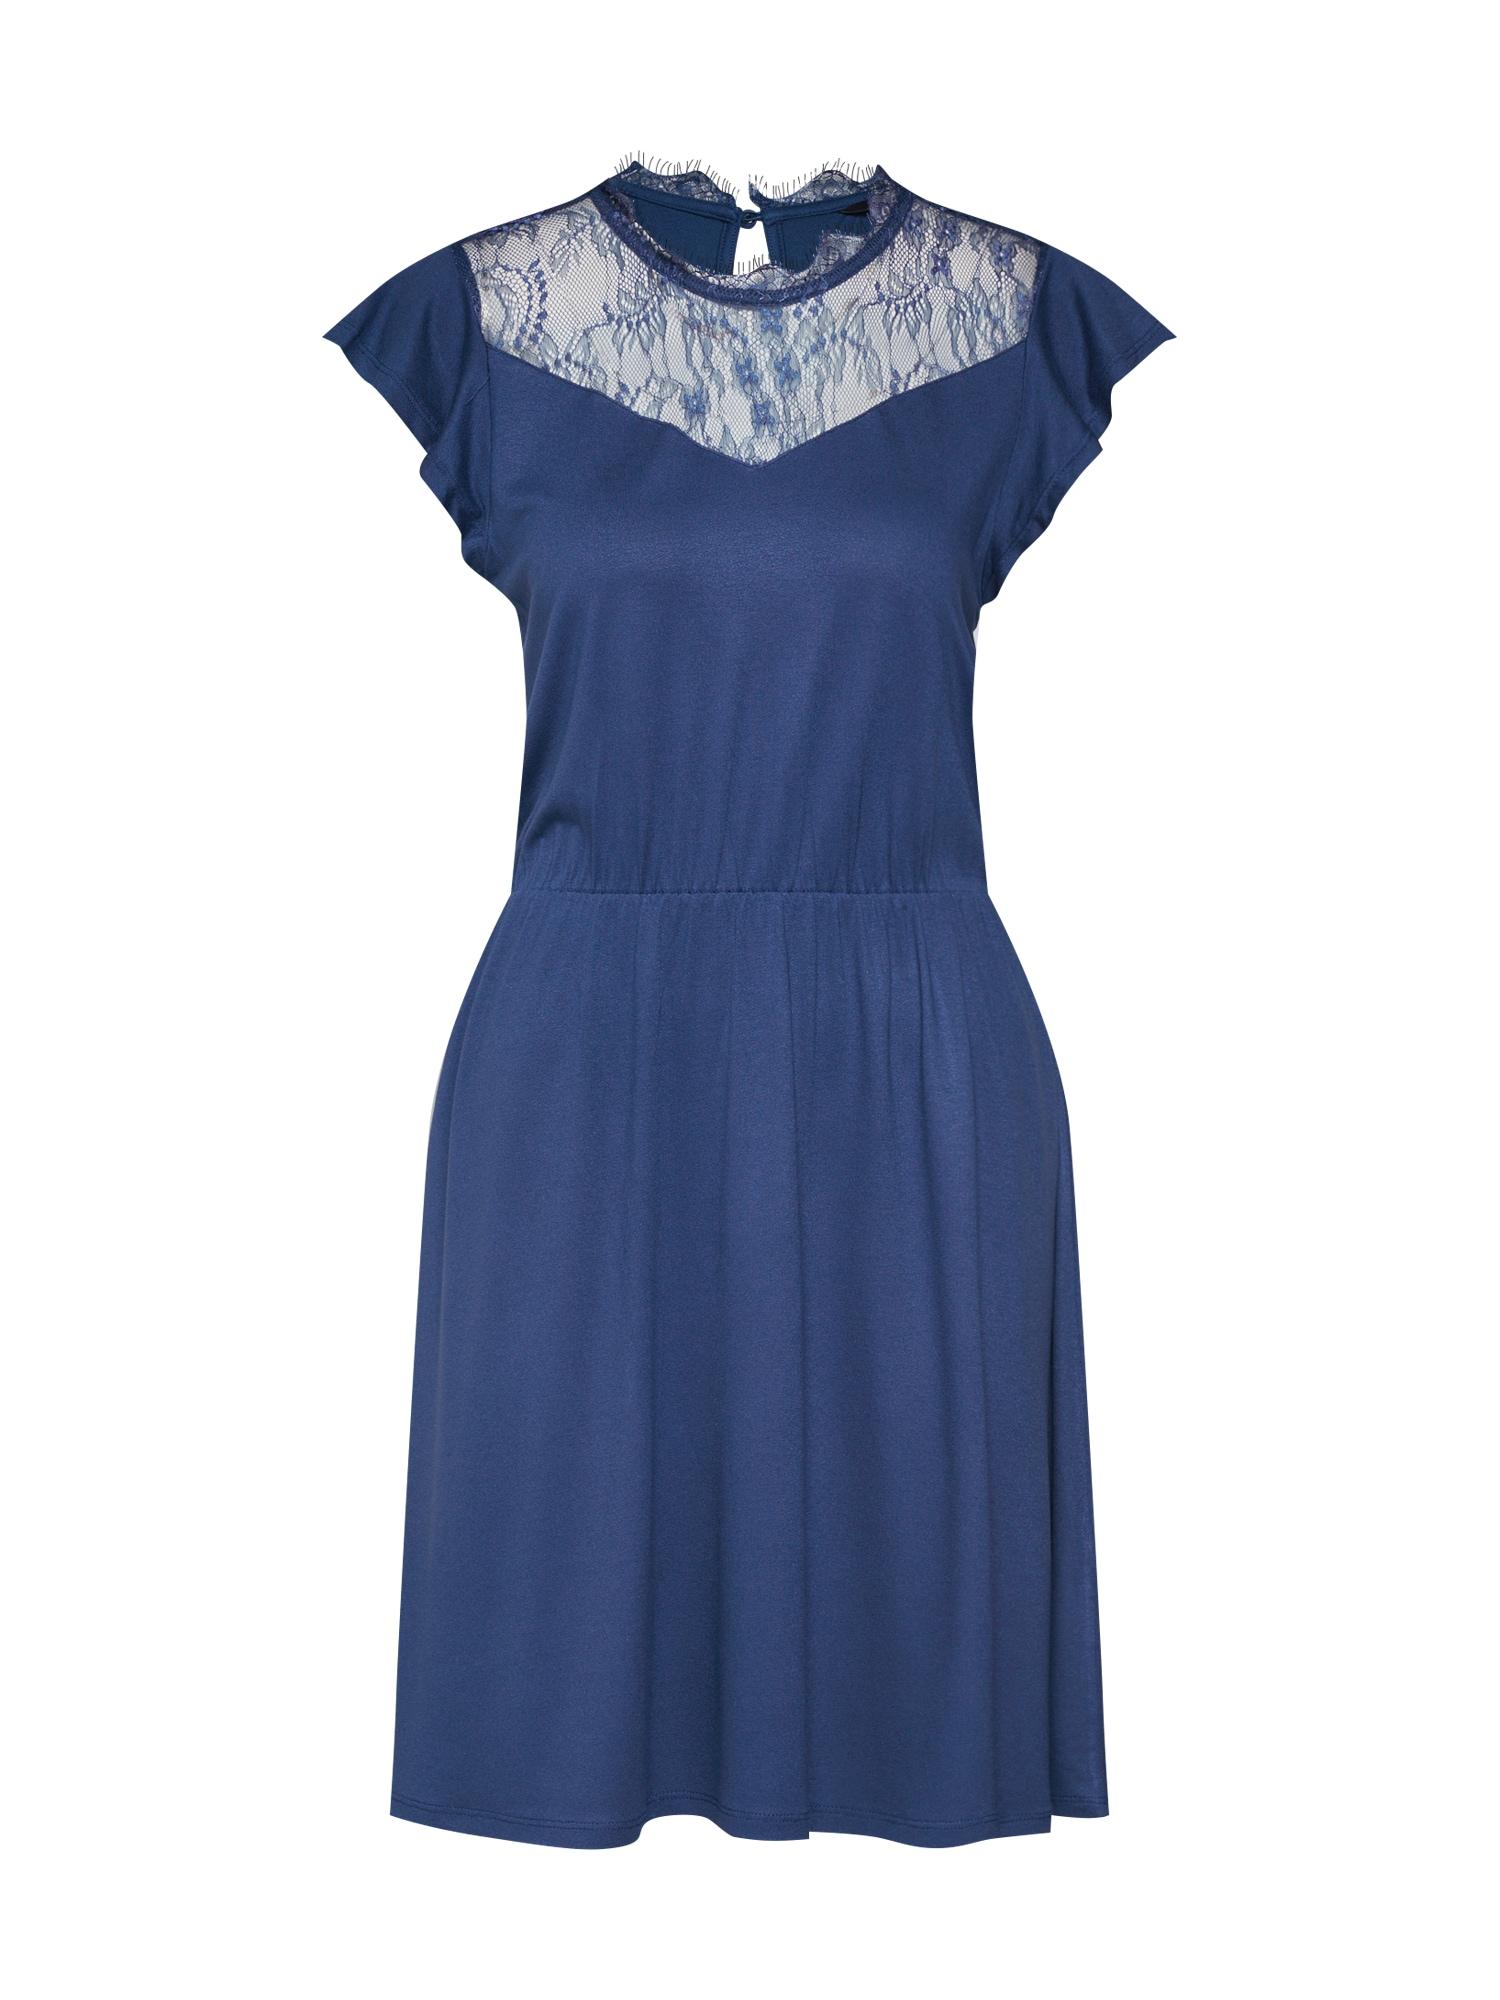 Šaty ONLAMILA CAP SLEEVE DRESS JRS modrá ONLY